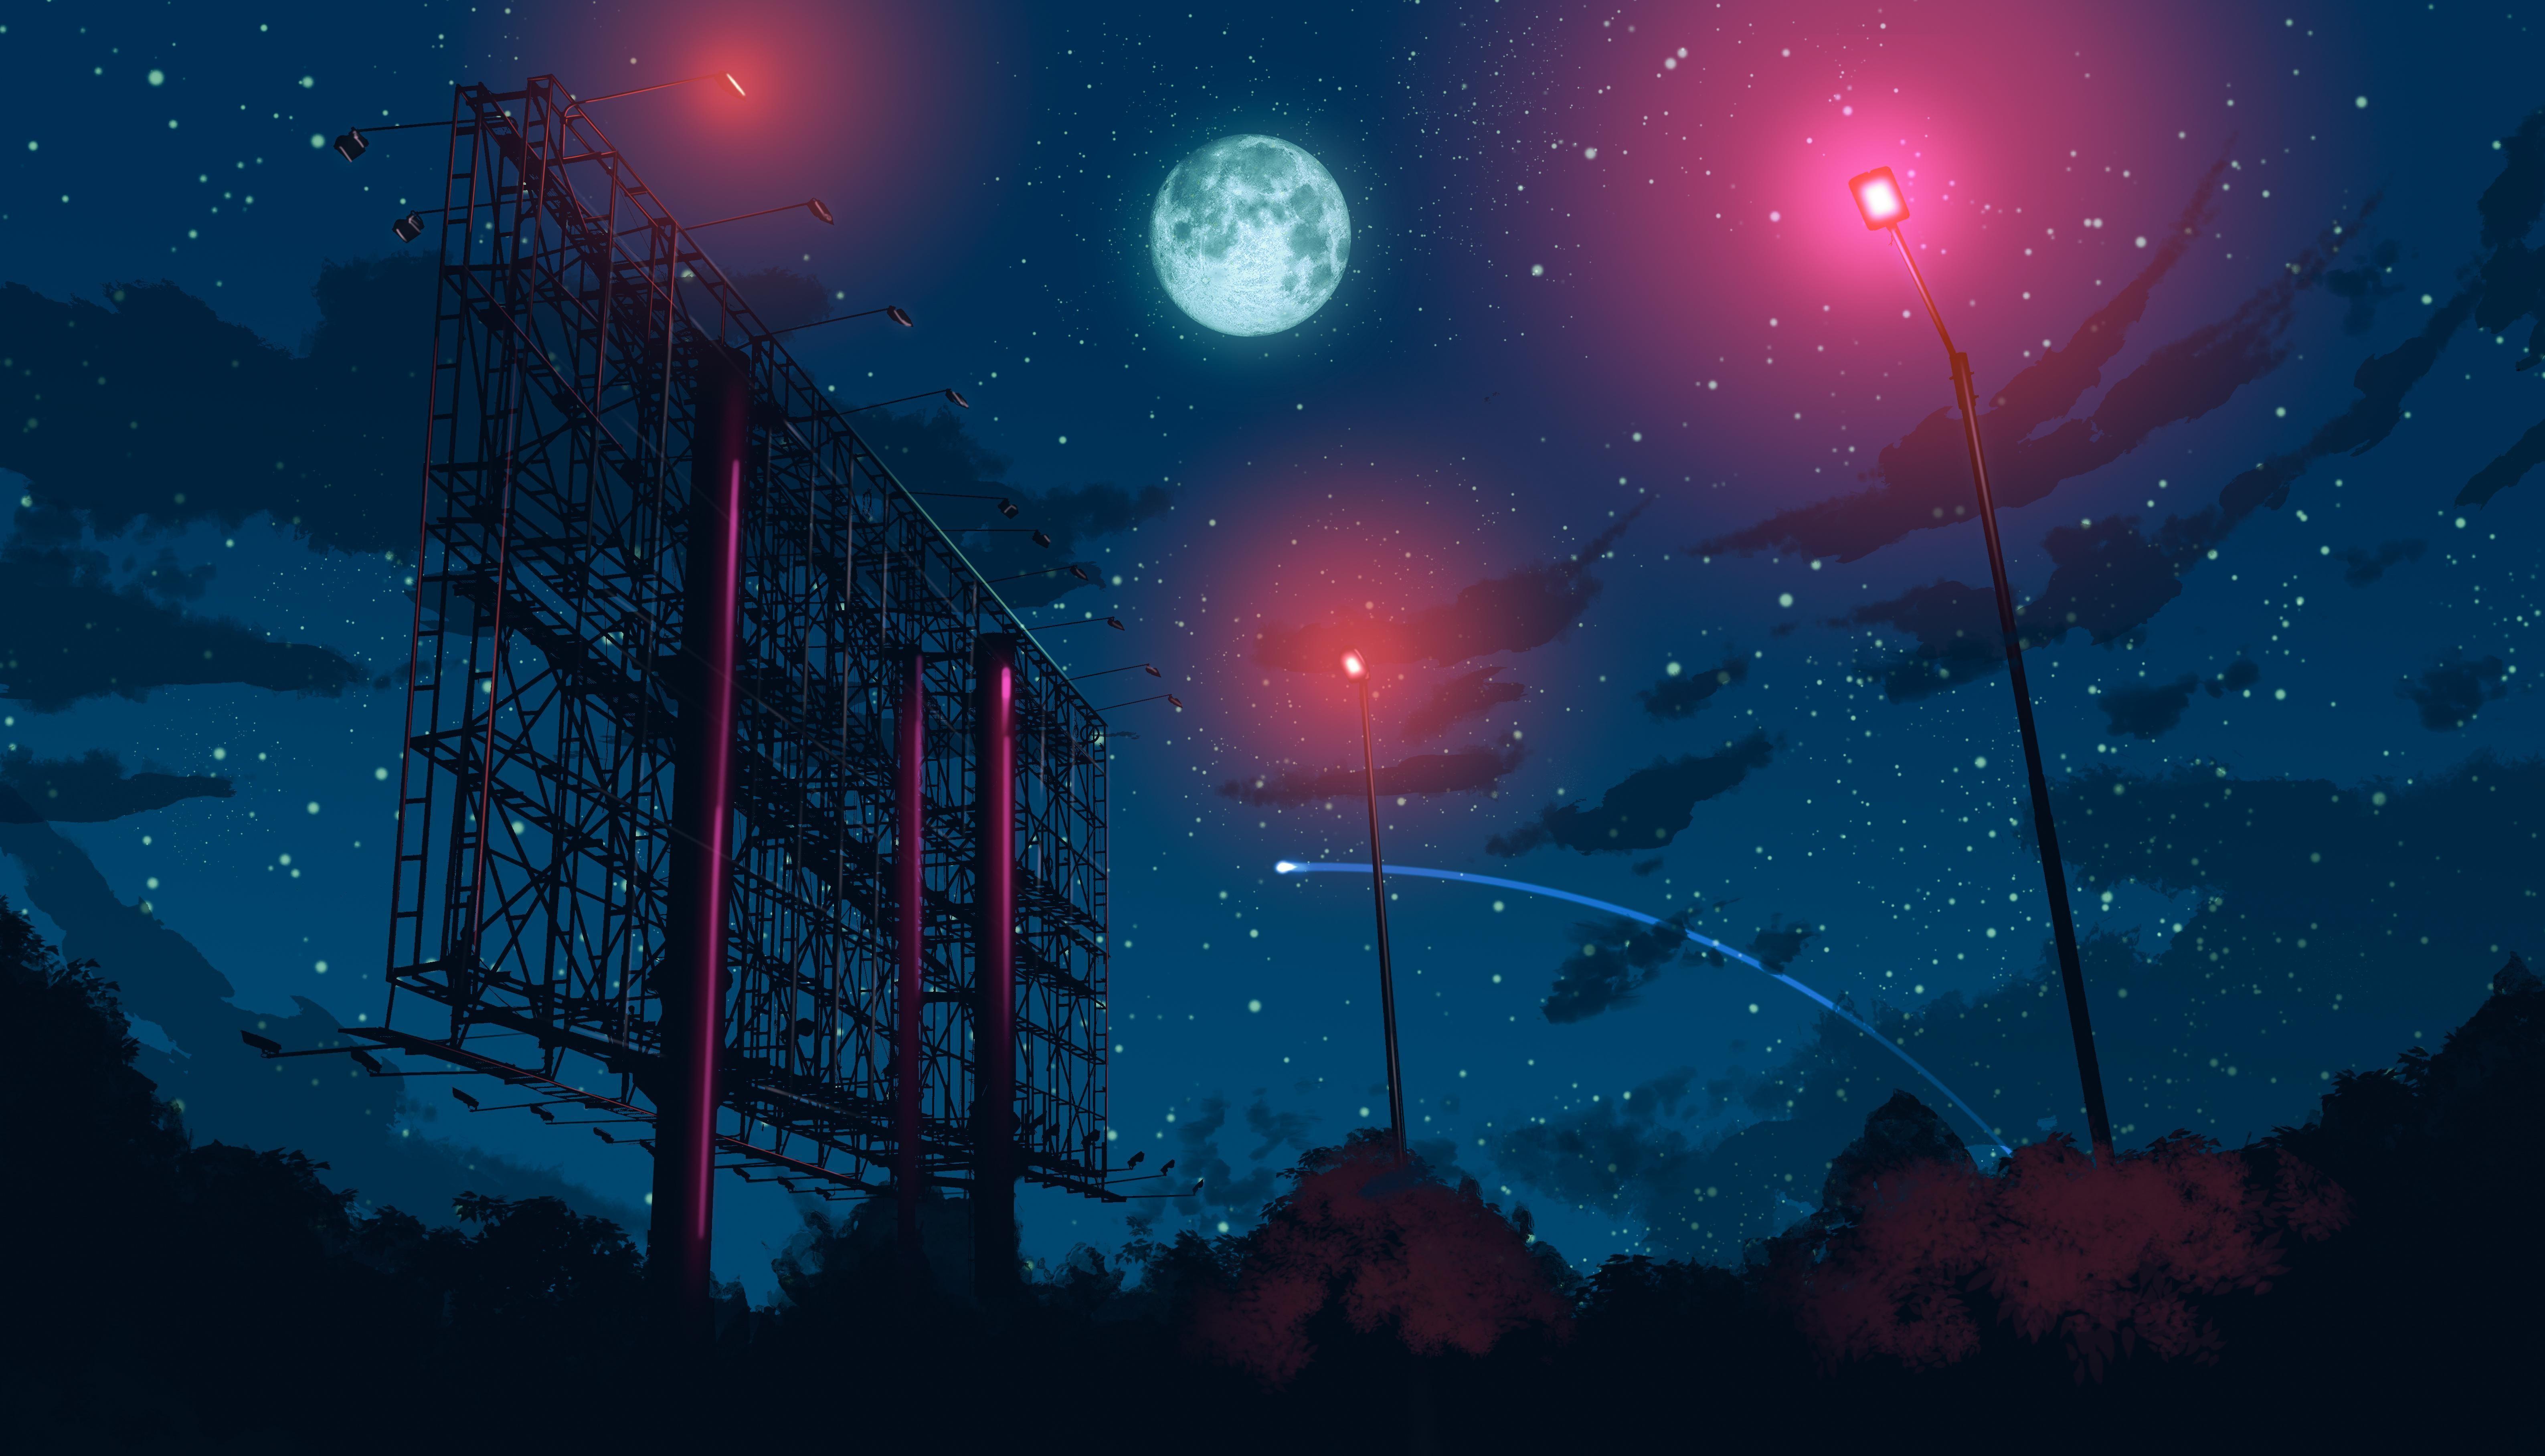 Pin On Night Sky